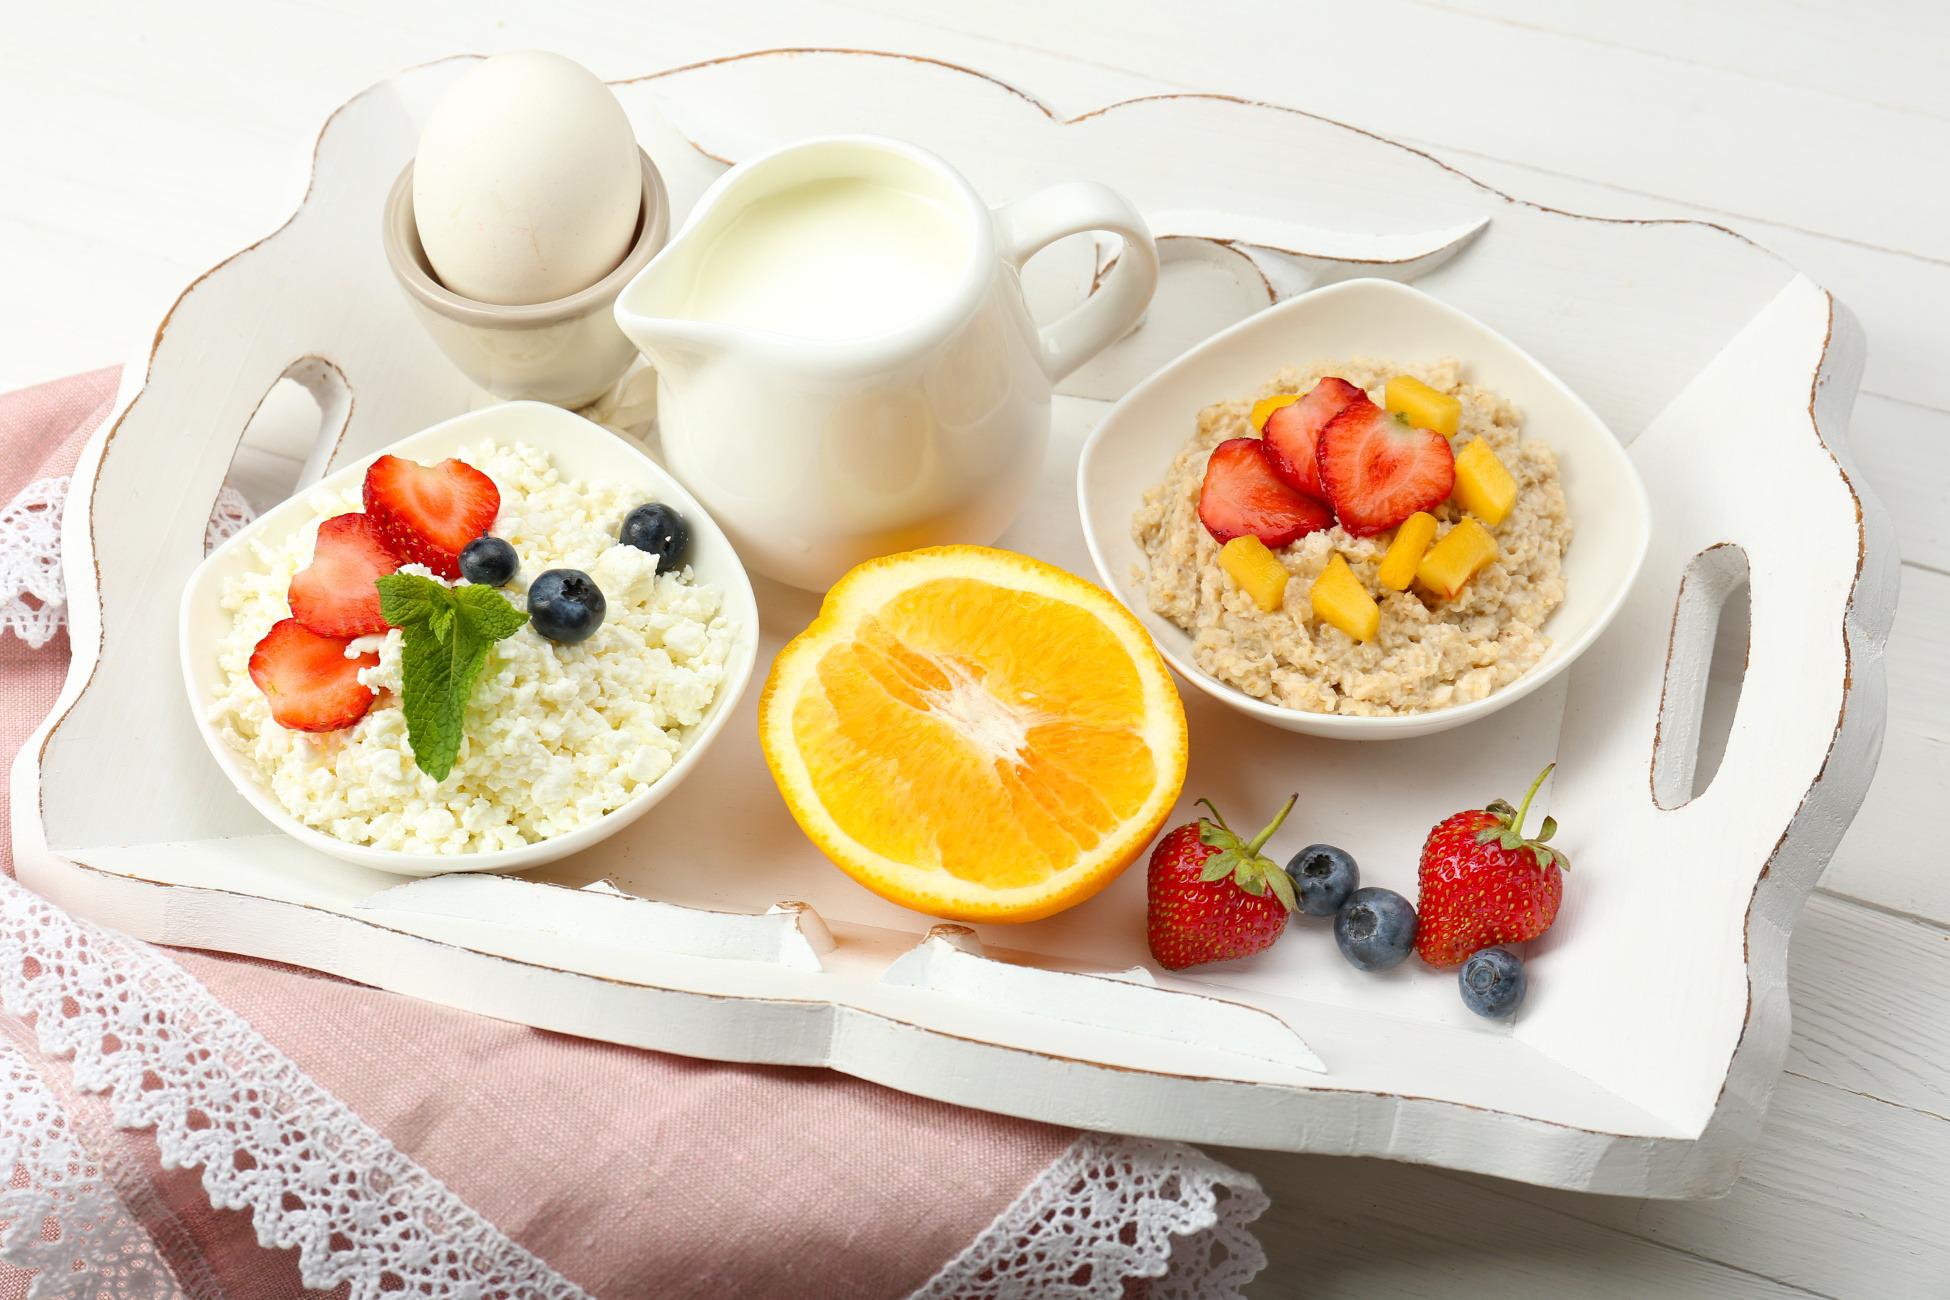 śniadanie Do łóżka Raz Wyspanipl